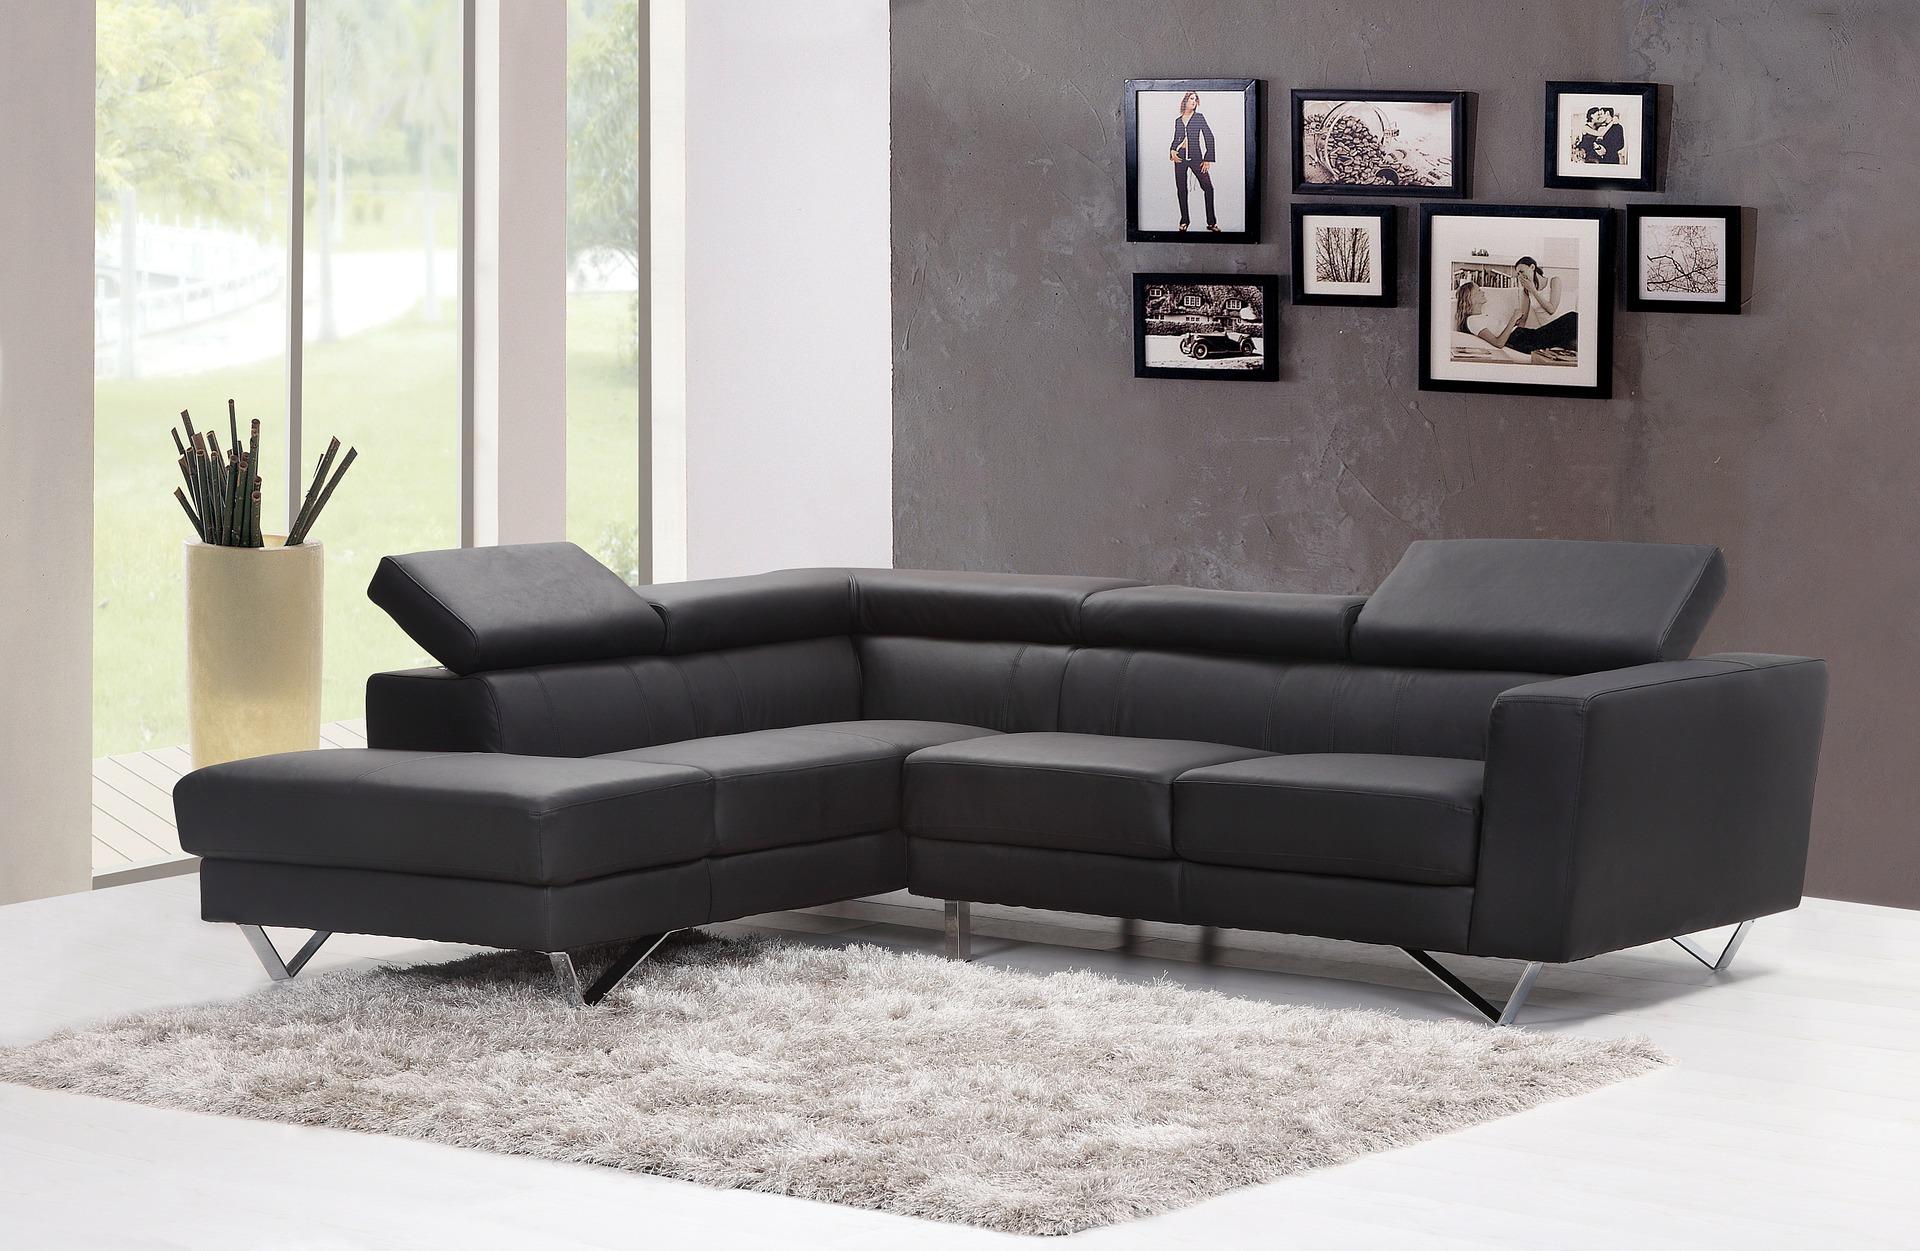 布艺沙发批发厂浅析选择沙发的方法